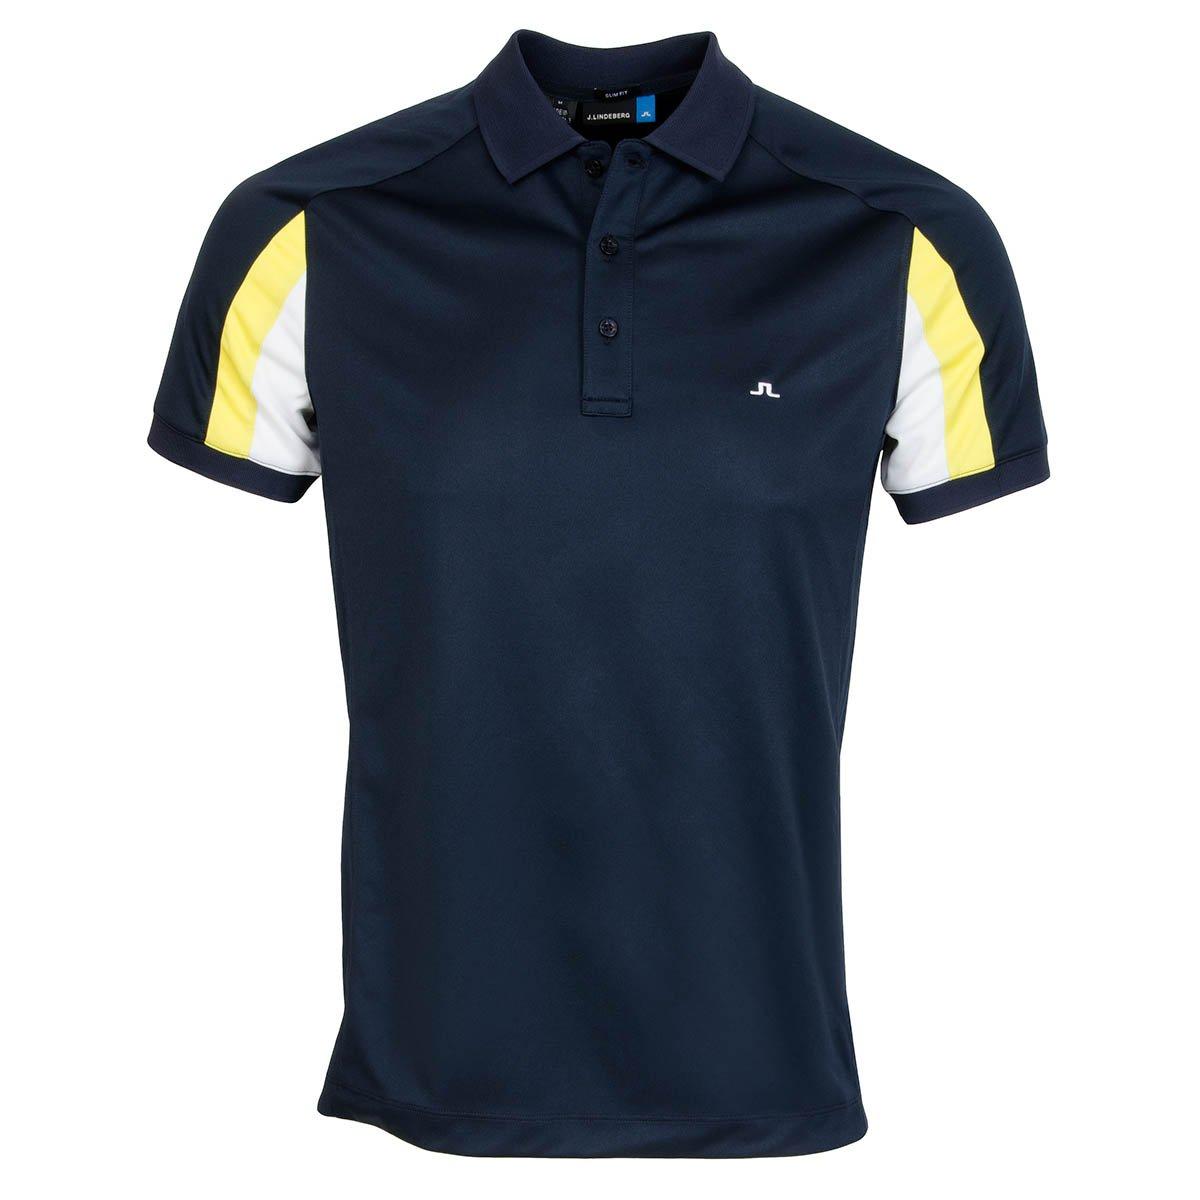 ジェイリンドバーグ ジョエル スリム フィールドセンサー 2.0 半袖ポロシャツ Large ネイビー B06XCYS8CL